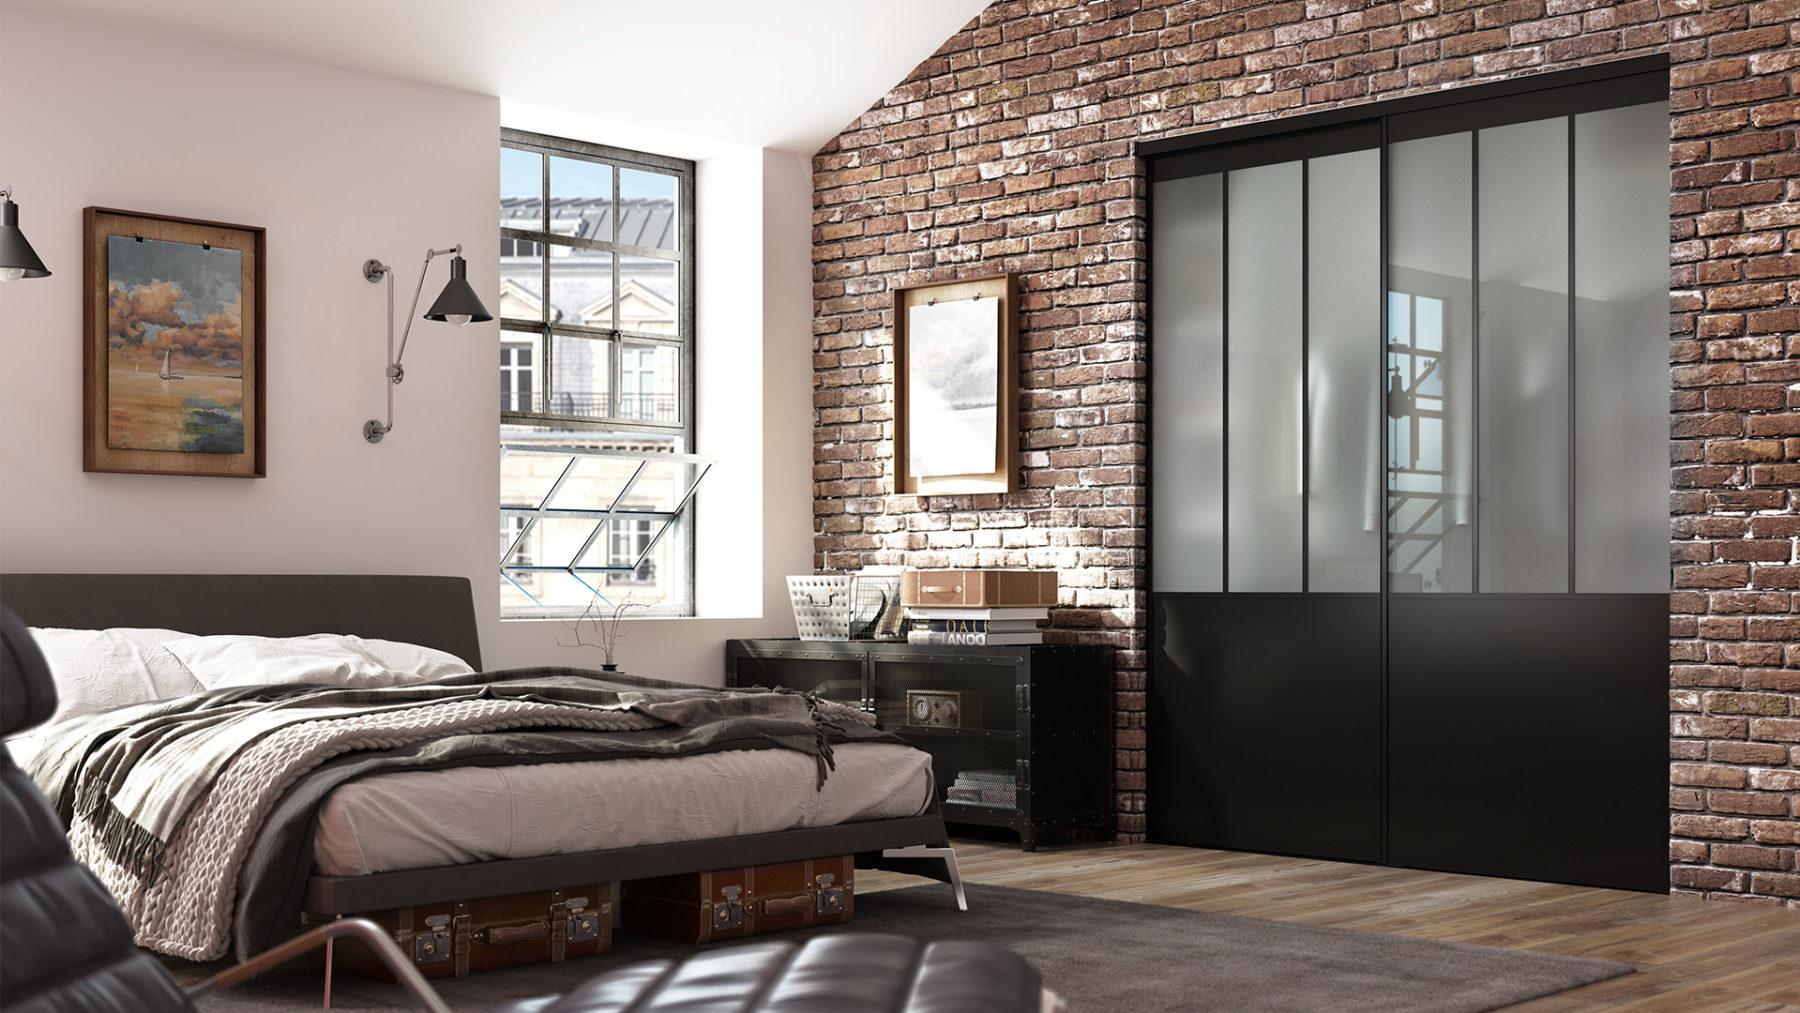 brique industriel charcoal 3D bedroom brick